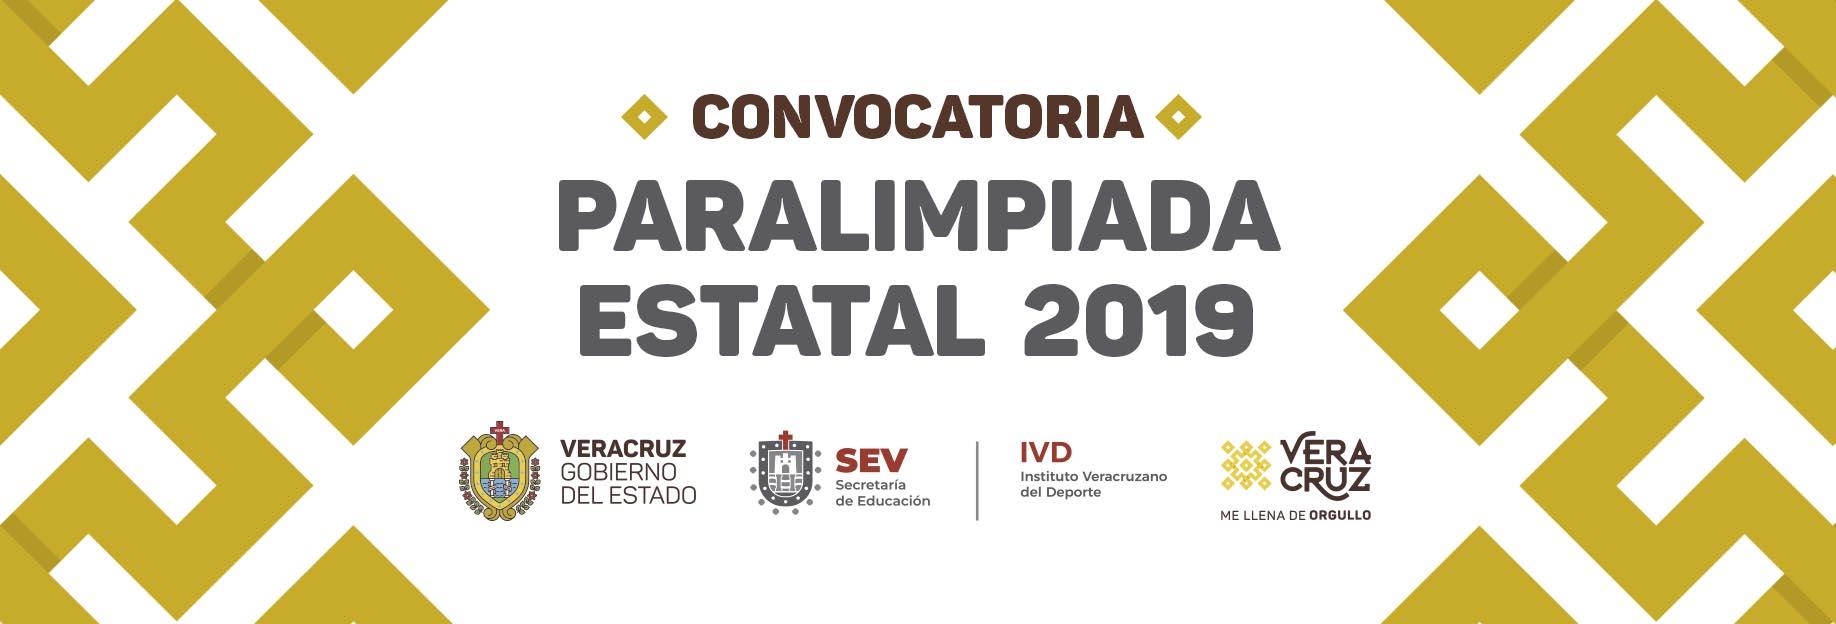 Slider Convocatoria Paralimpiada Estatal 2019